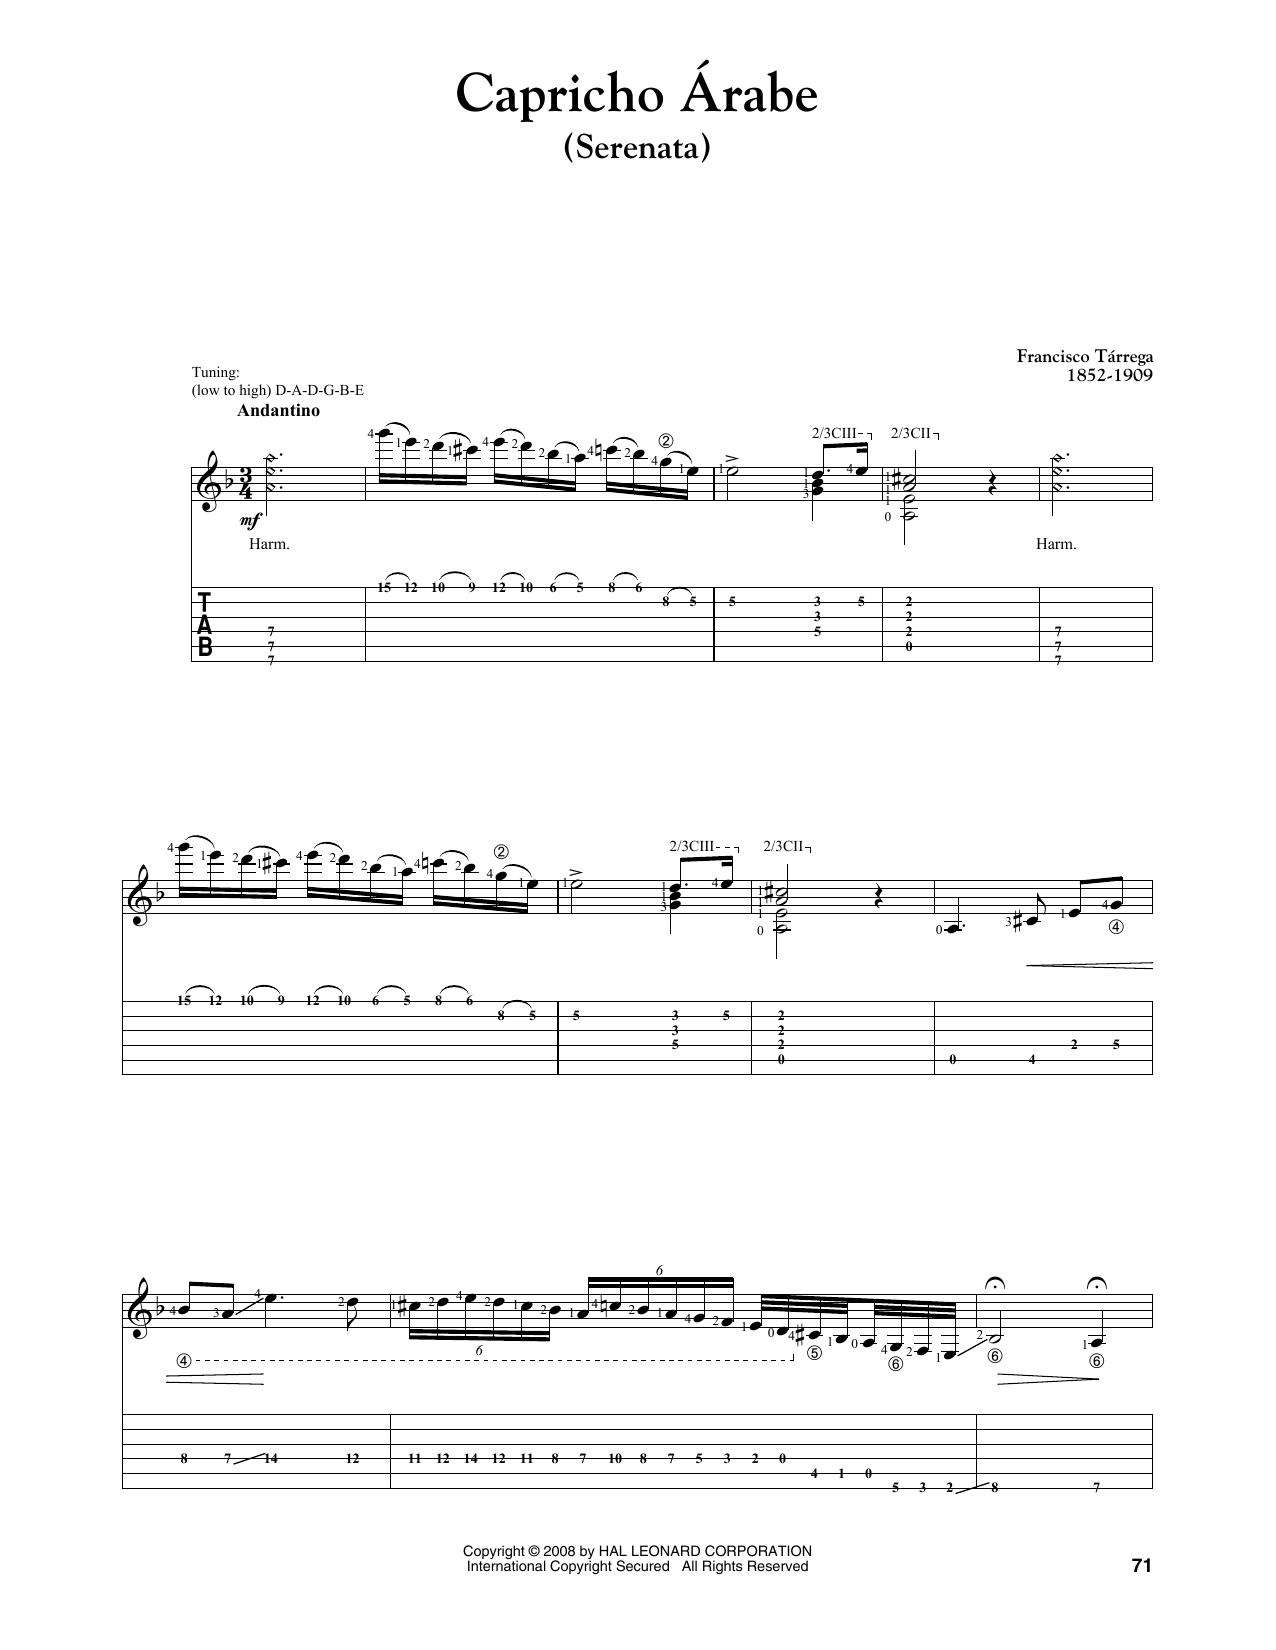 Francisco Tarrega Capricho Arabe (Serenata) sheet music notes and chords